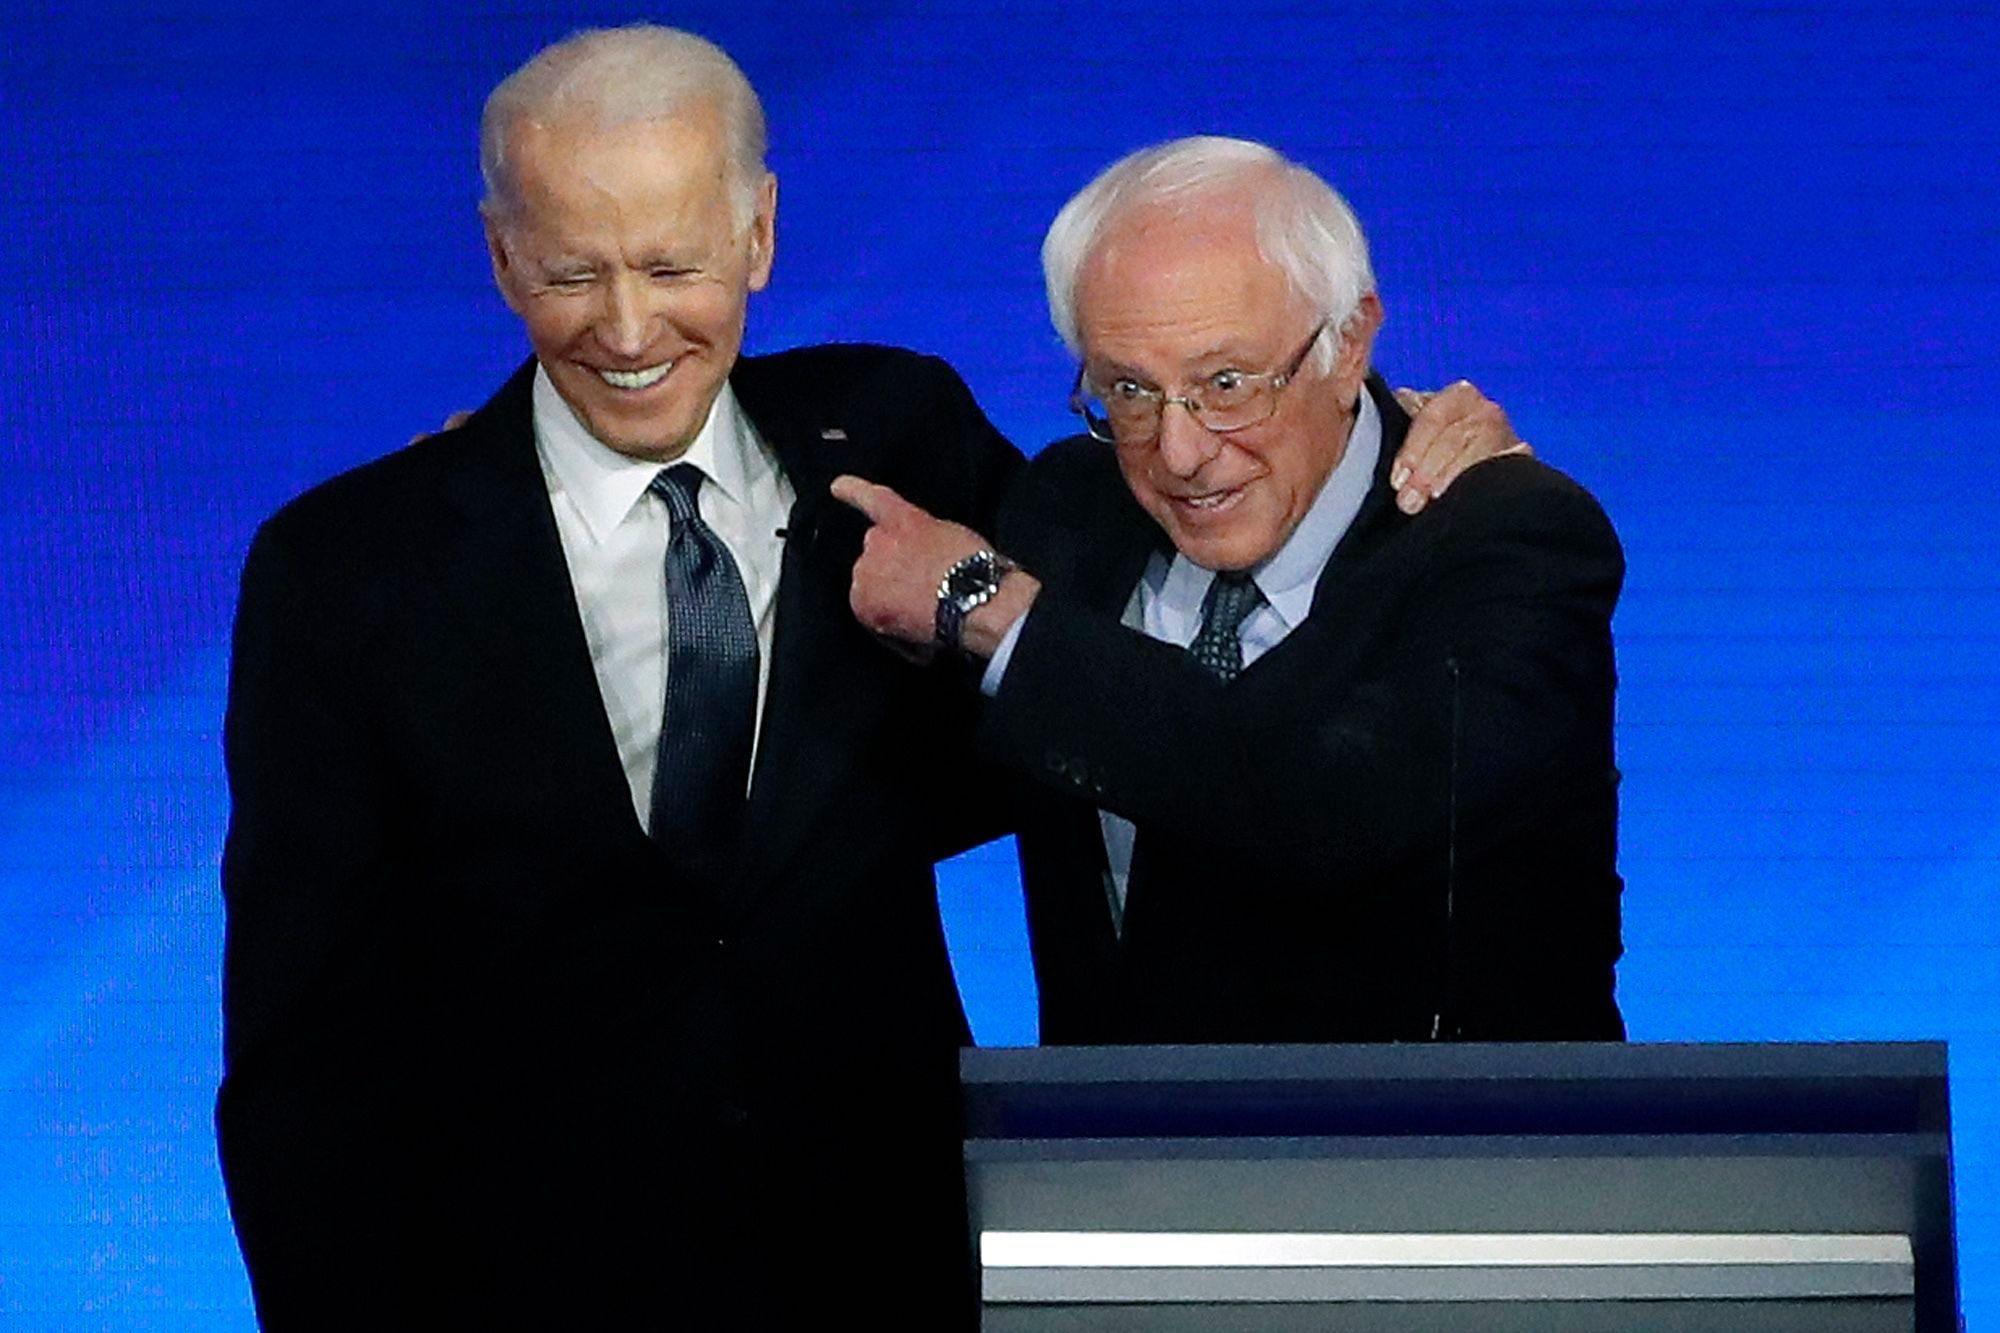 Joe Biden Hugs Bernie Sanders at Debate After Hearing ...